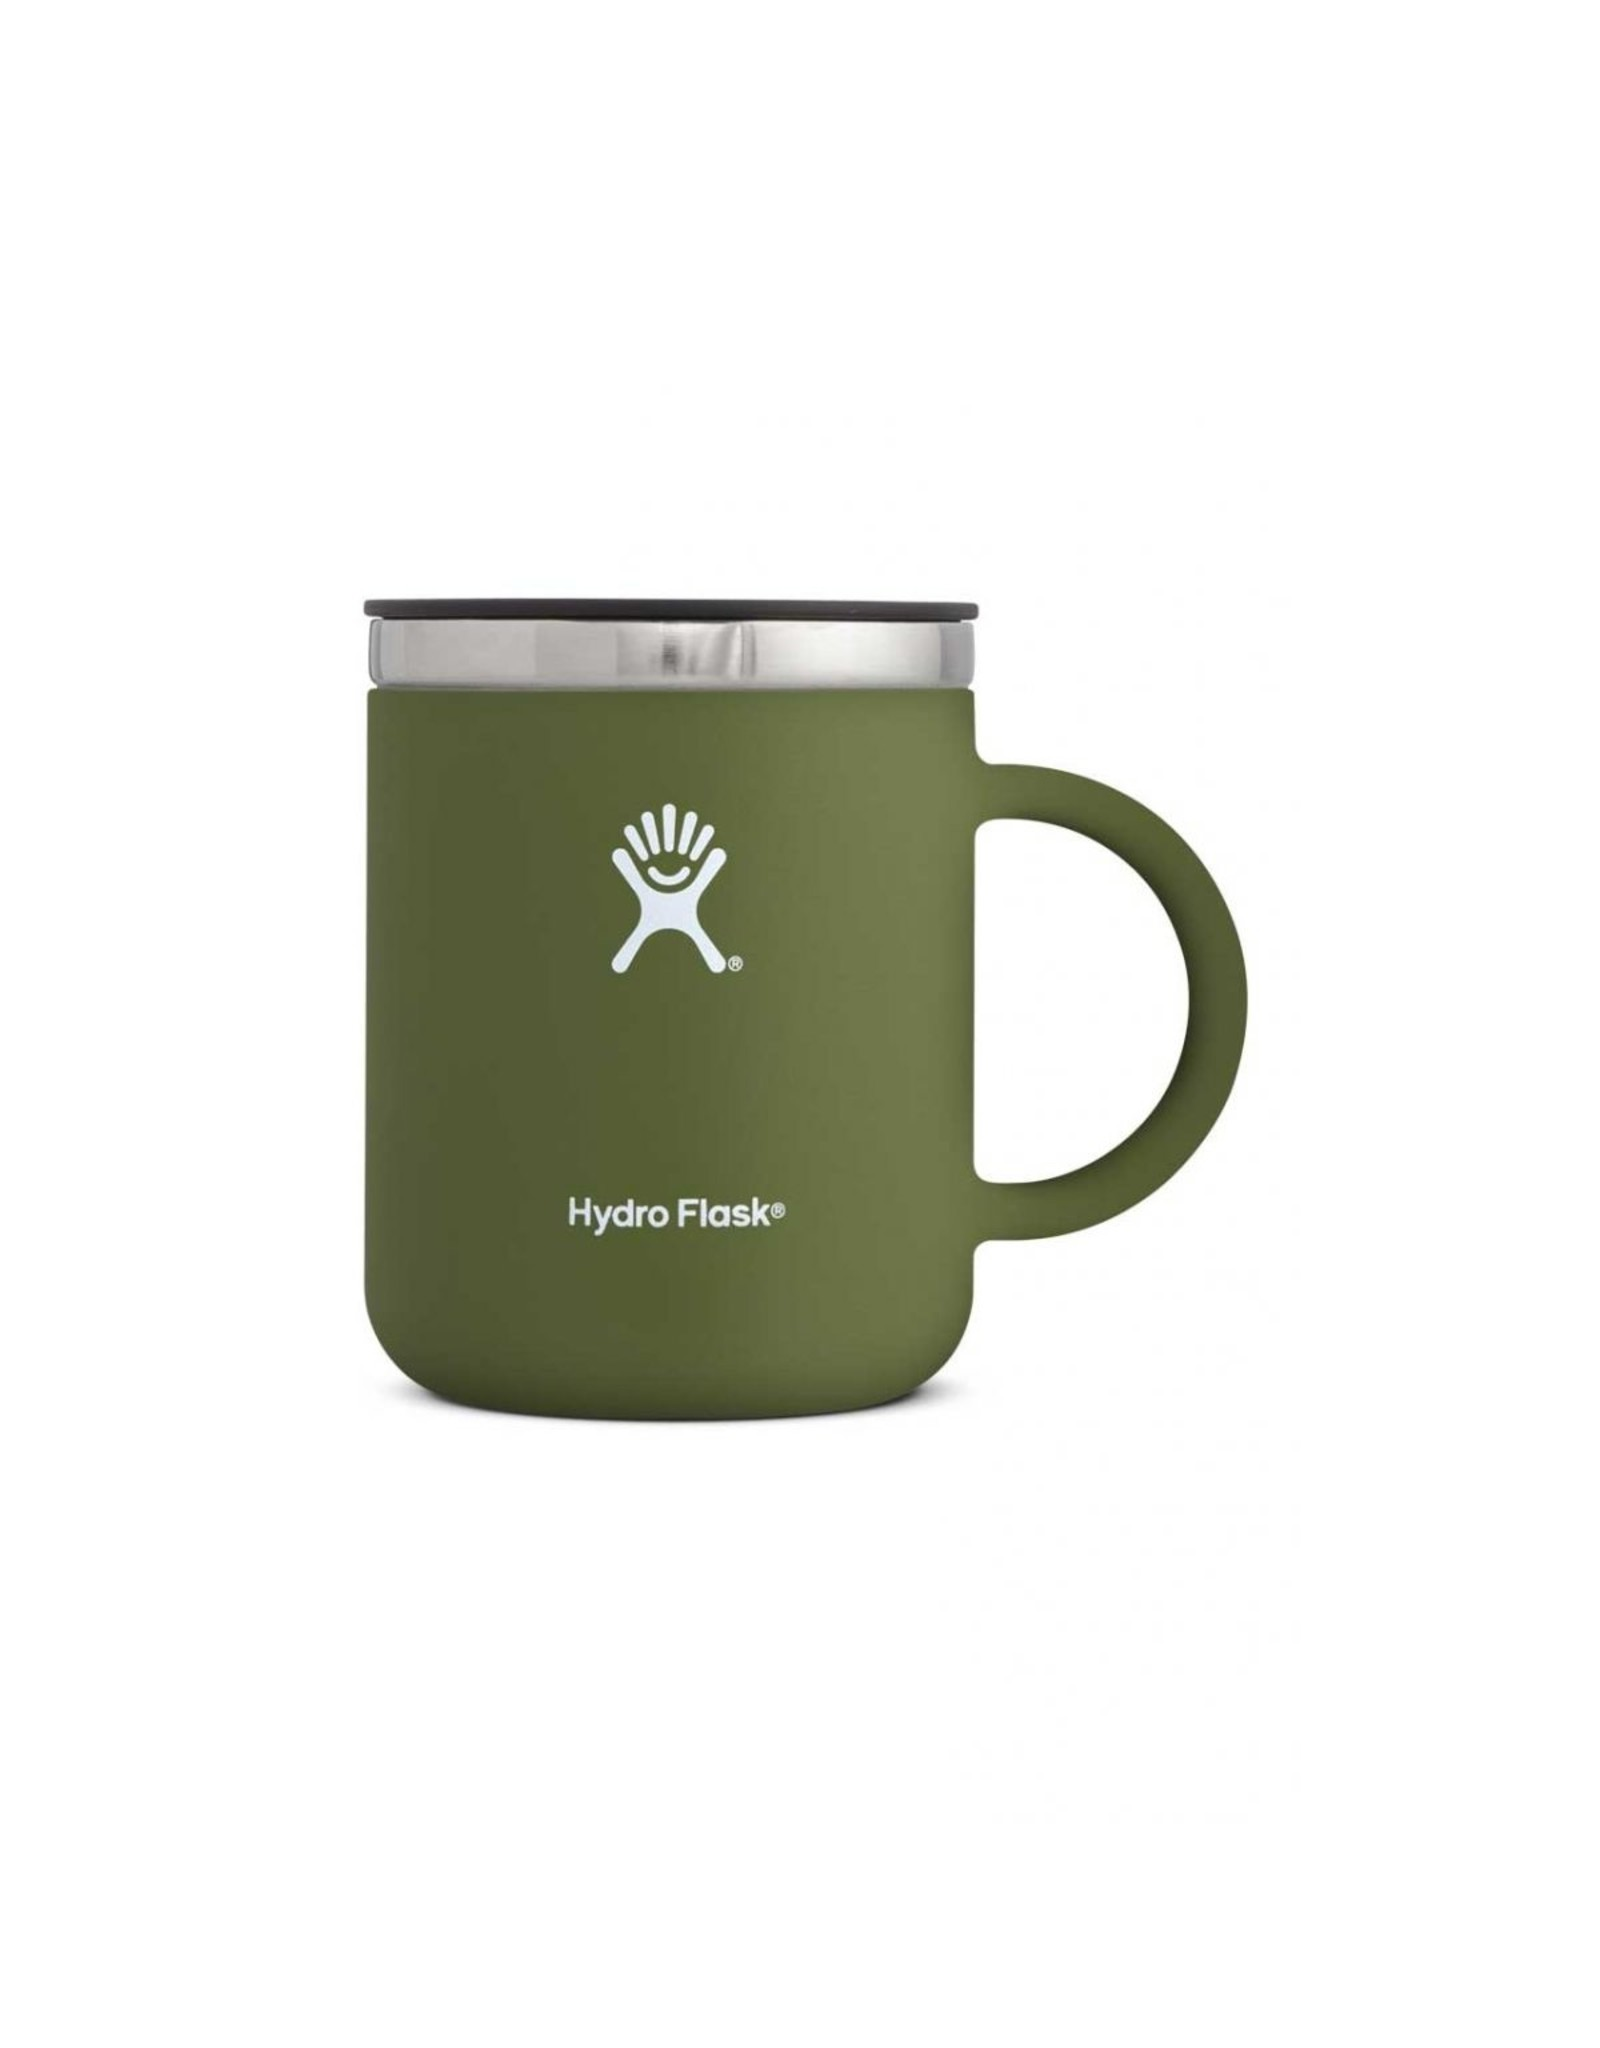 HYDRO FLASK HYDRO FLASK 12OZ COFFEE MUG-OLIVE